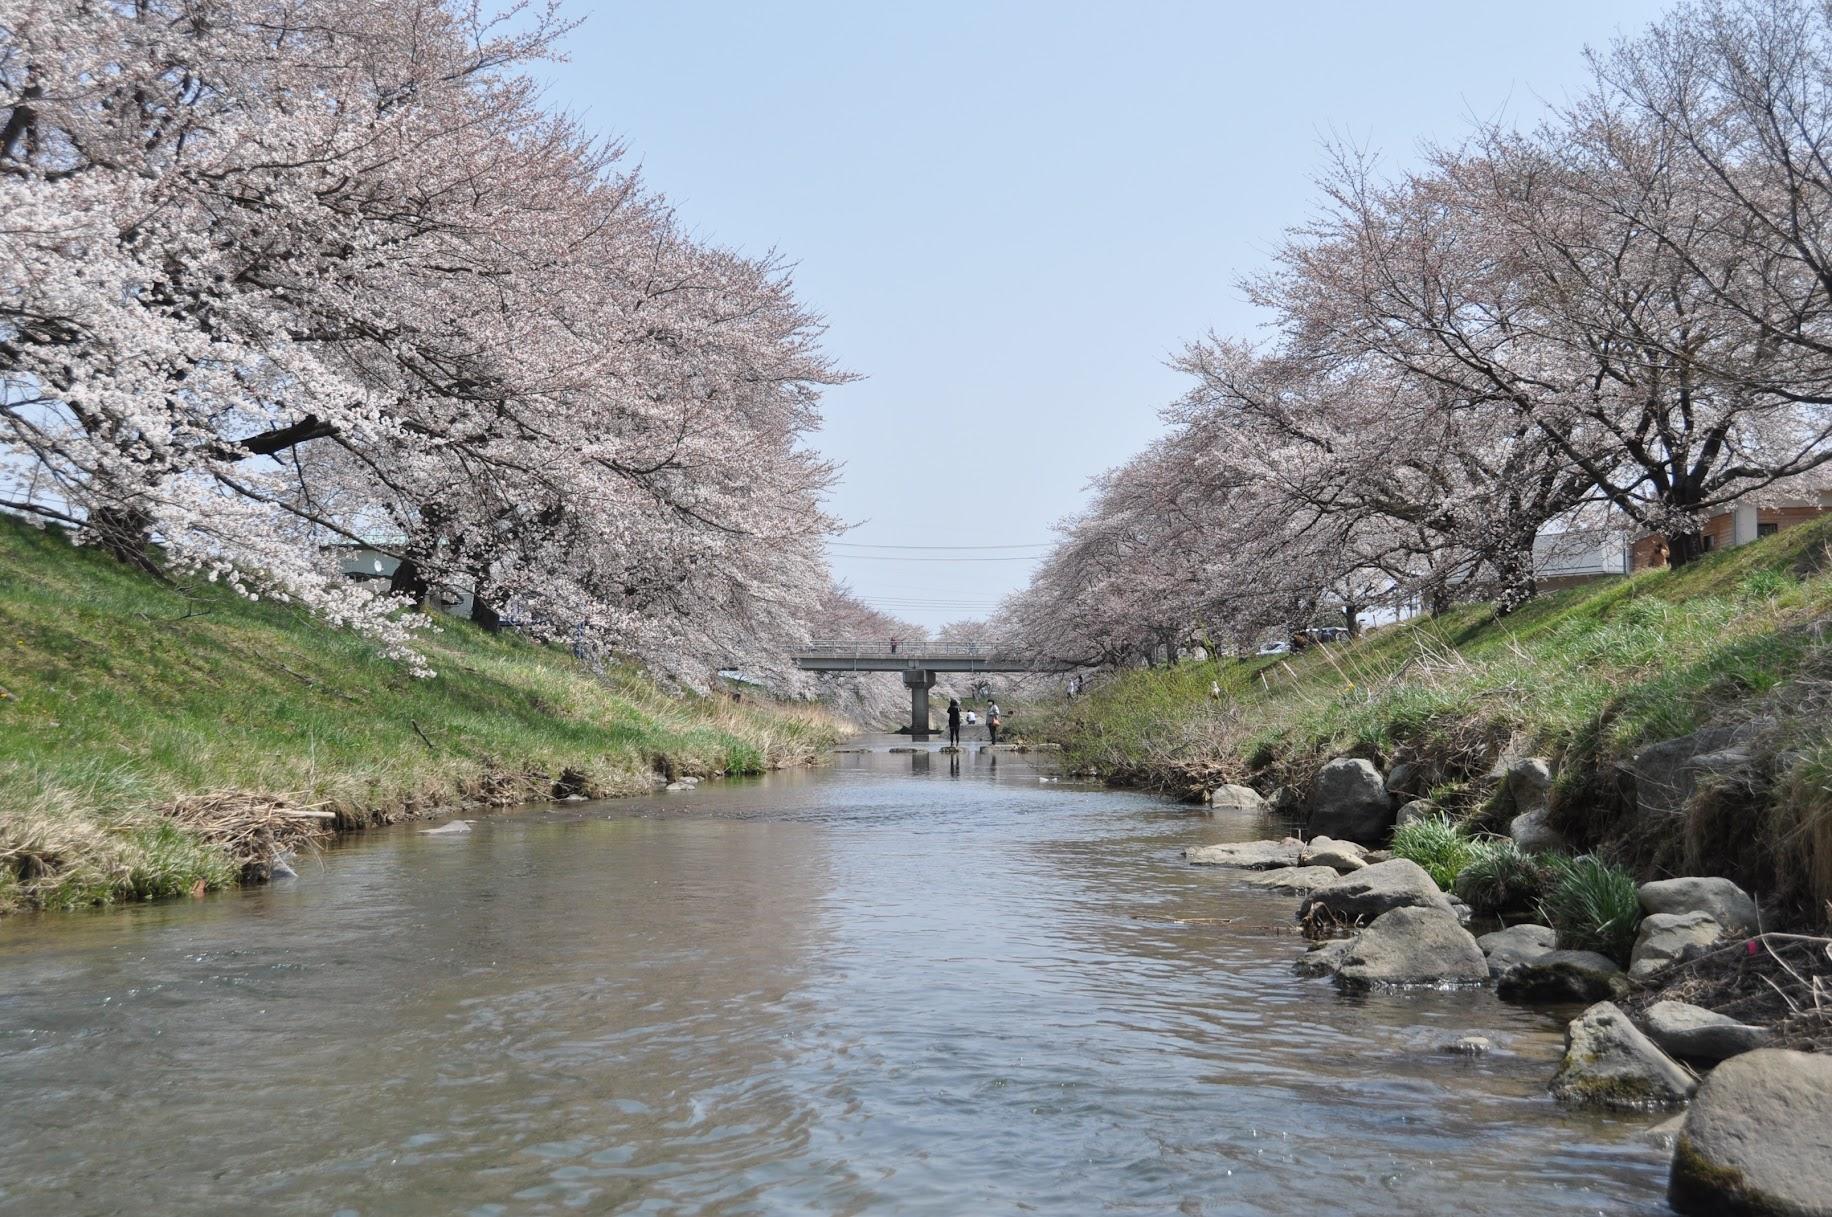 藤田川の桜 | 郡山の桜の名所 お出かけスポット